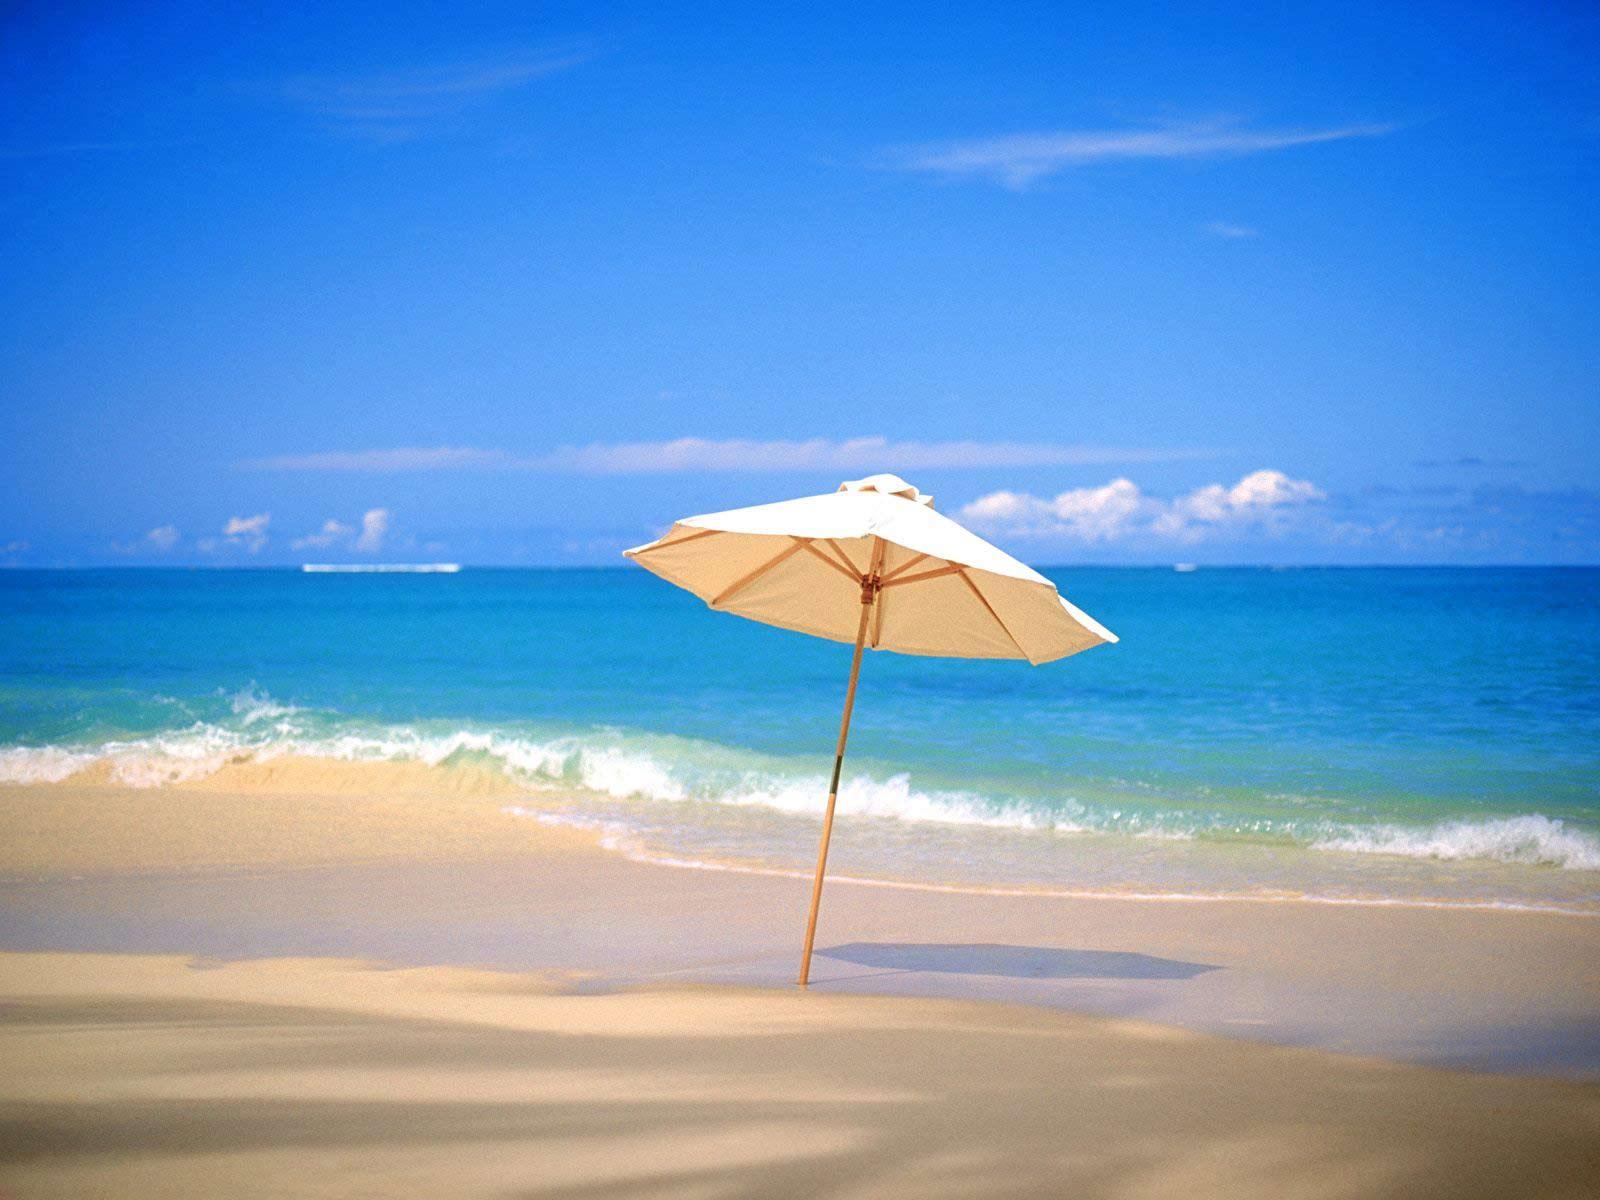 пляж, зонтик, грибок, скачать фото, обои для рабочего стола